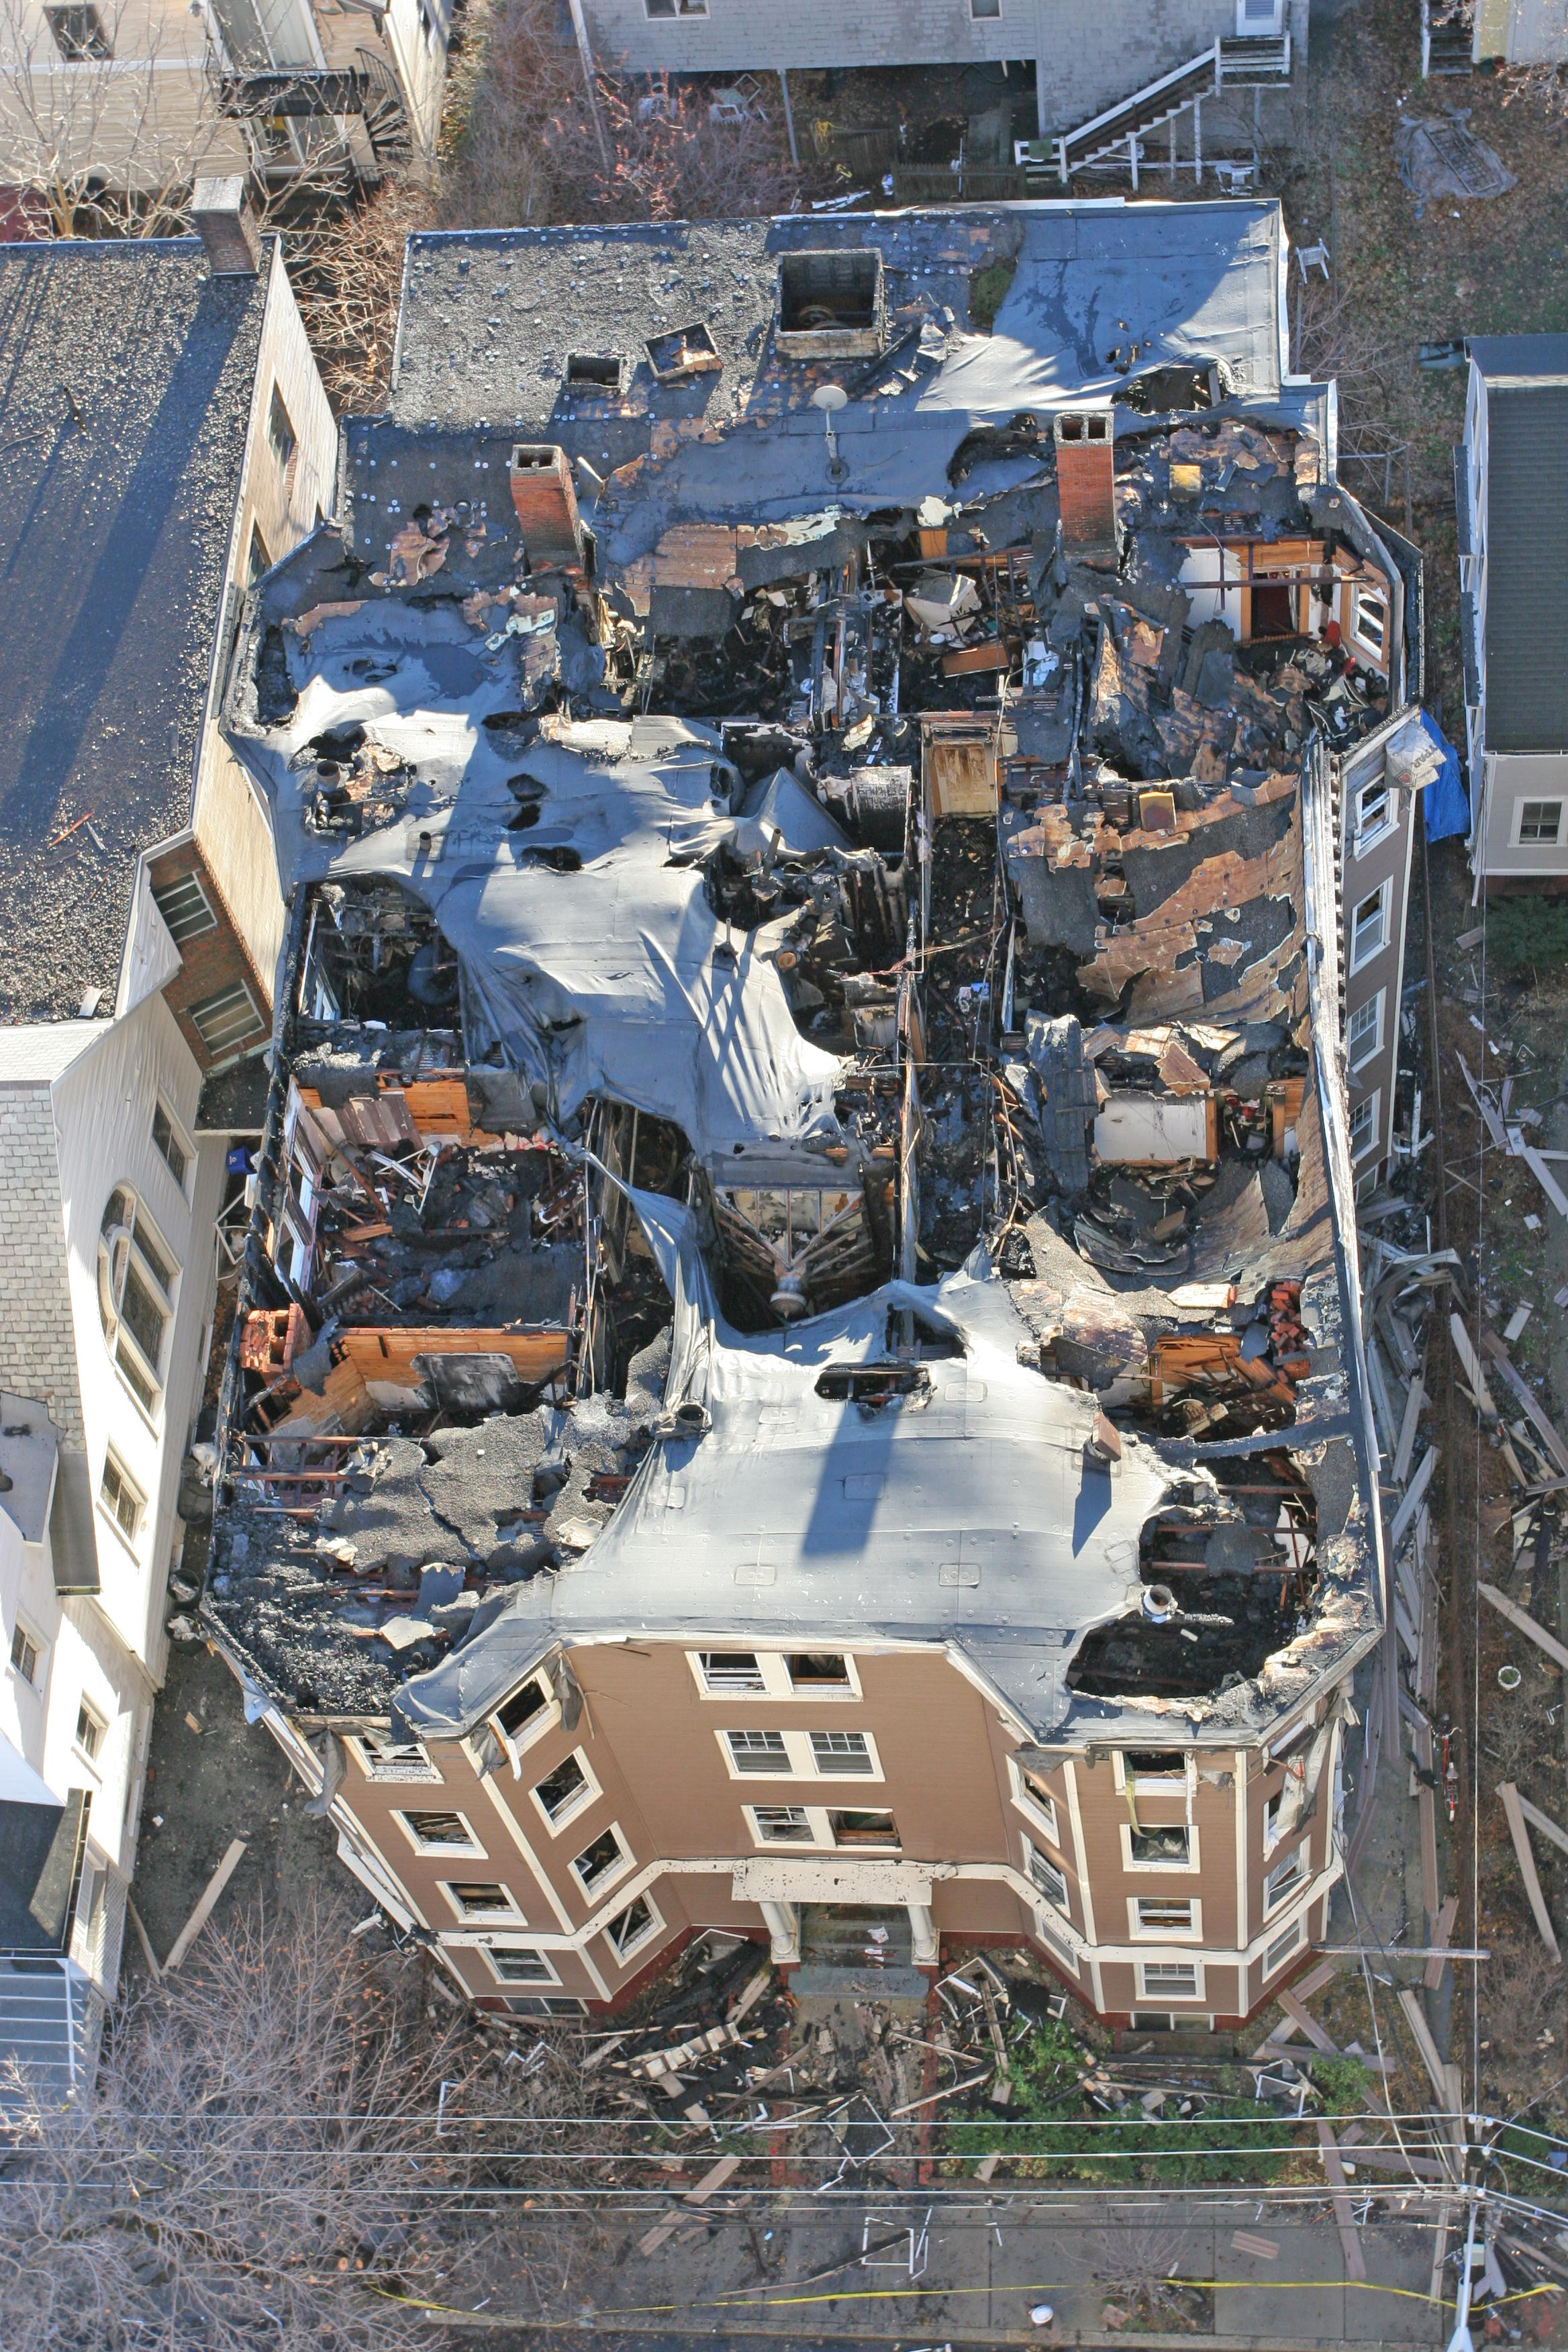 Condominium Fire